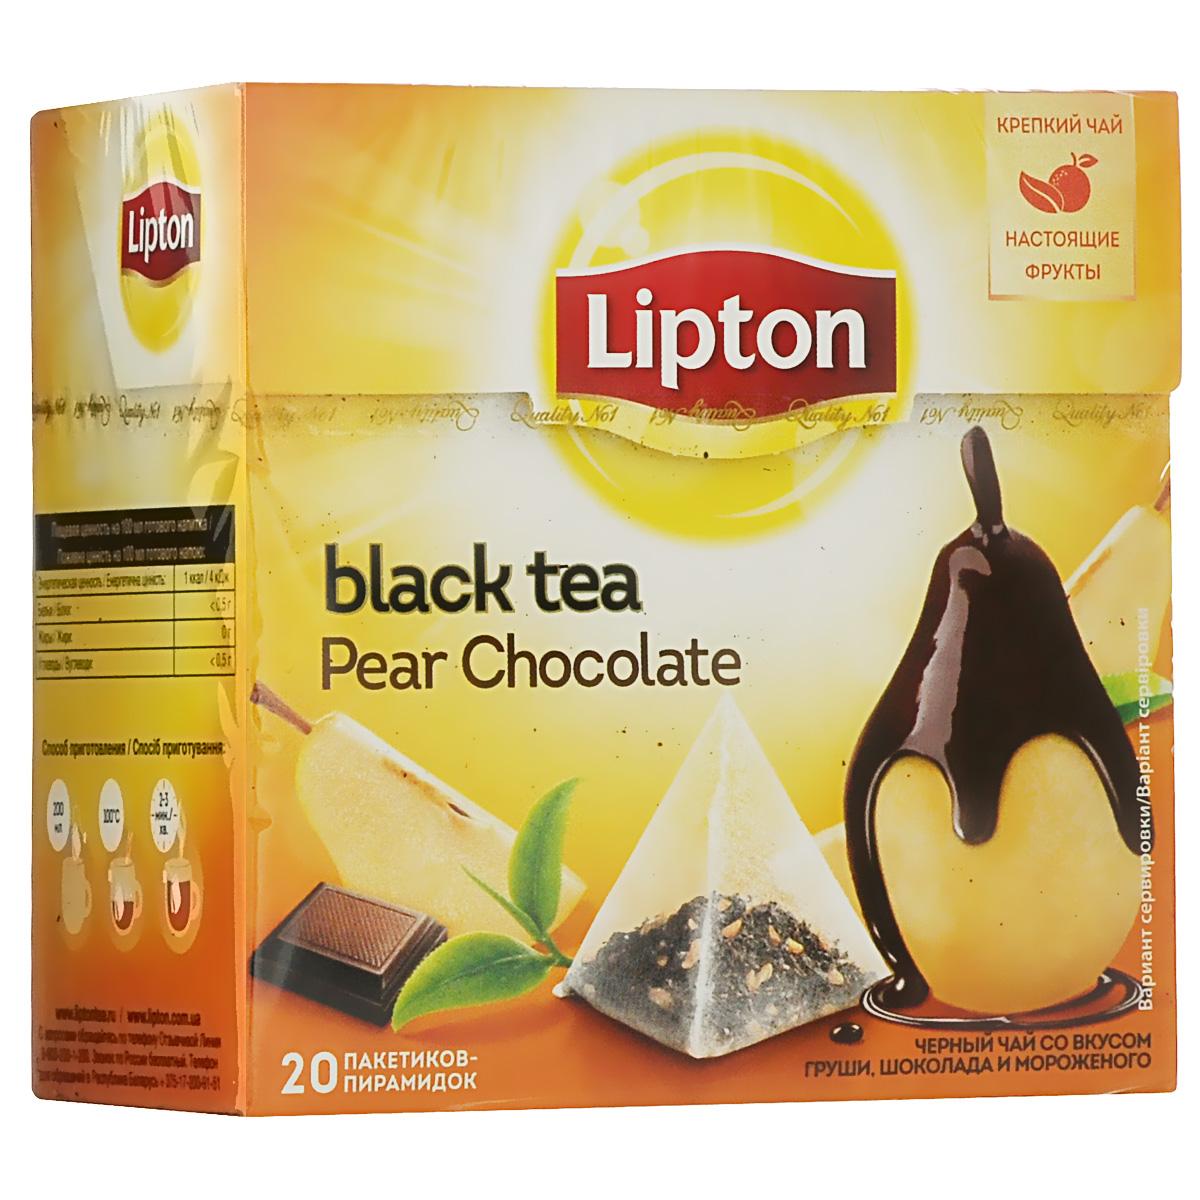 Lipton Черный чай Pear Chocolate 20 шт